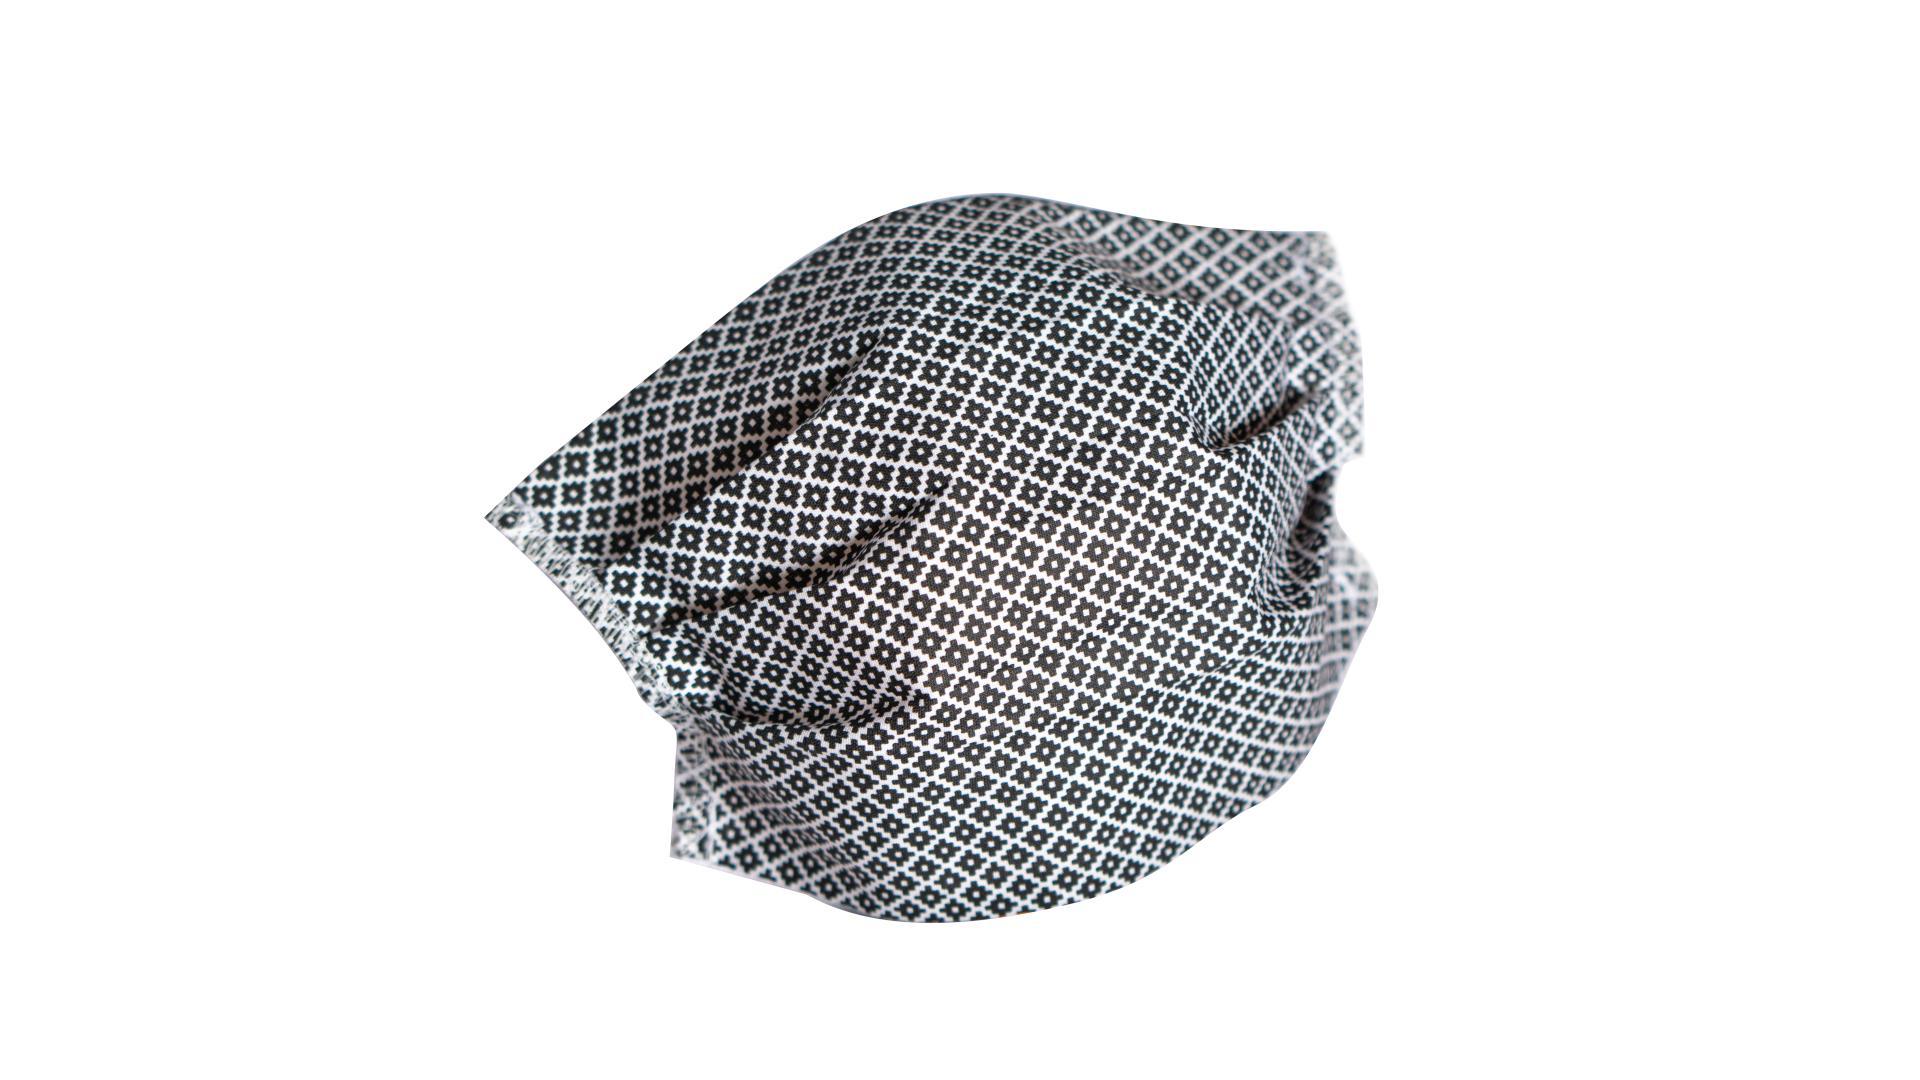 4CARS Dvouvrstvé ochranné bavlněné rouško černé s gumičkou 1ks - větší